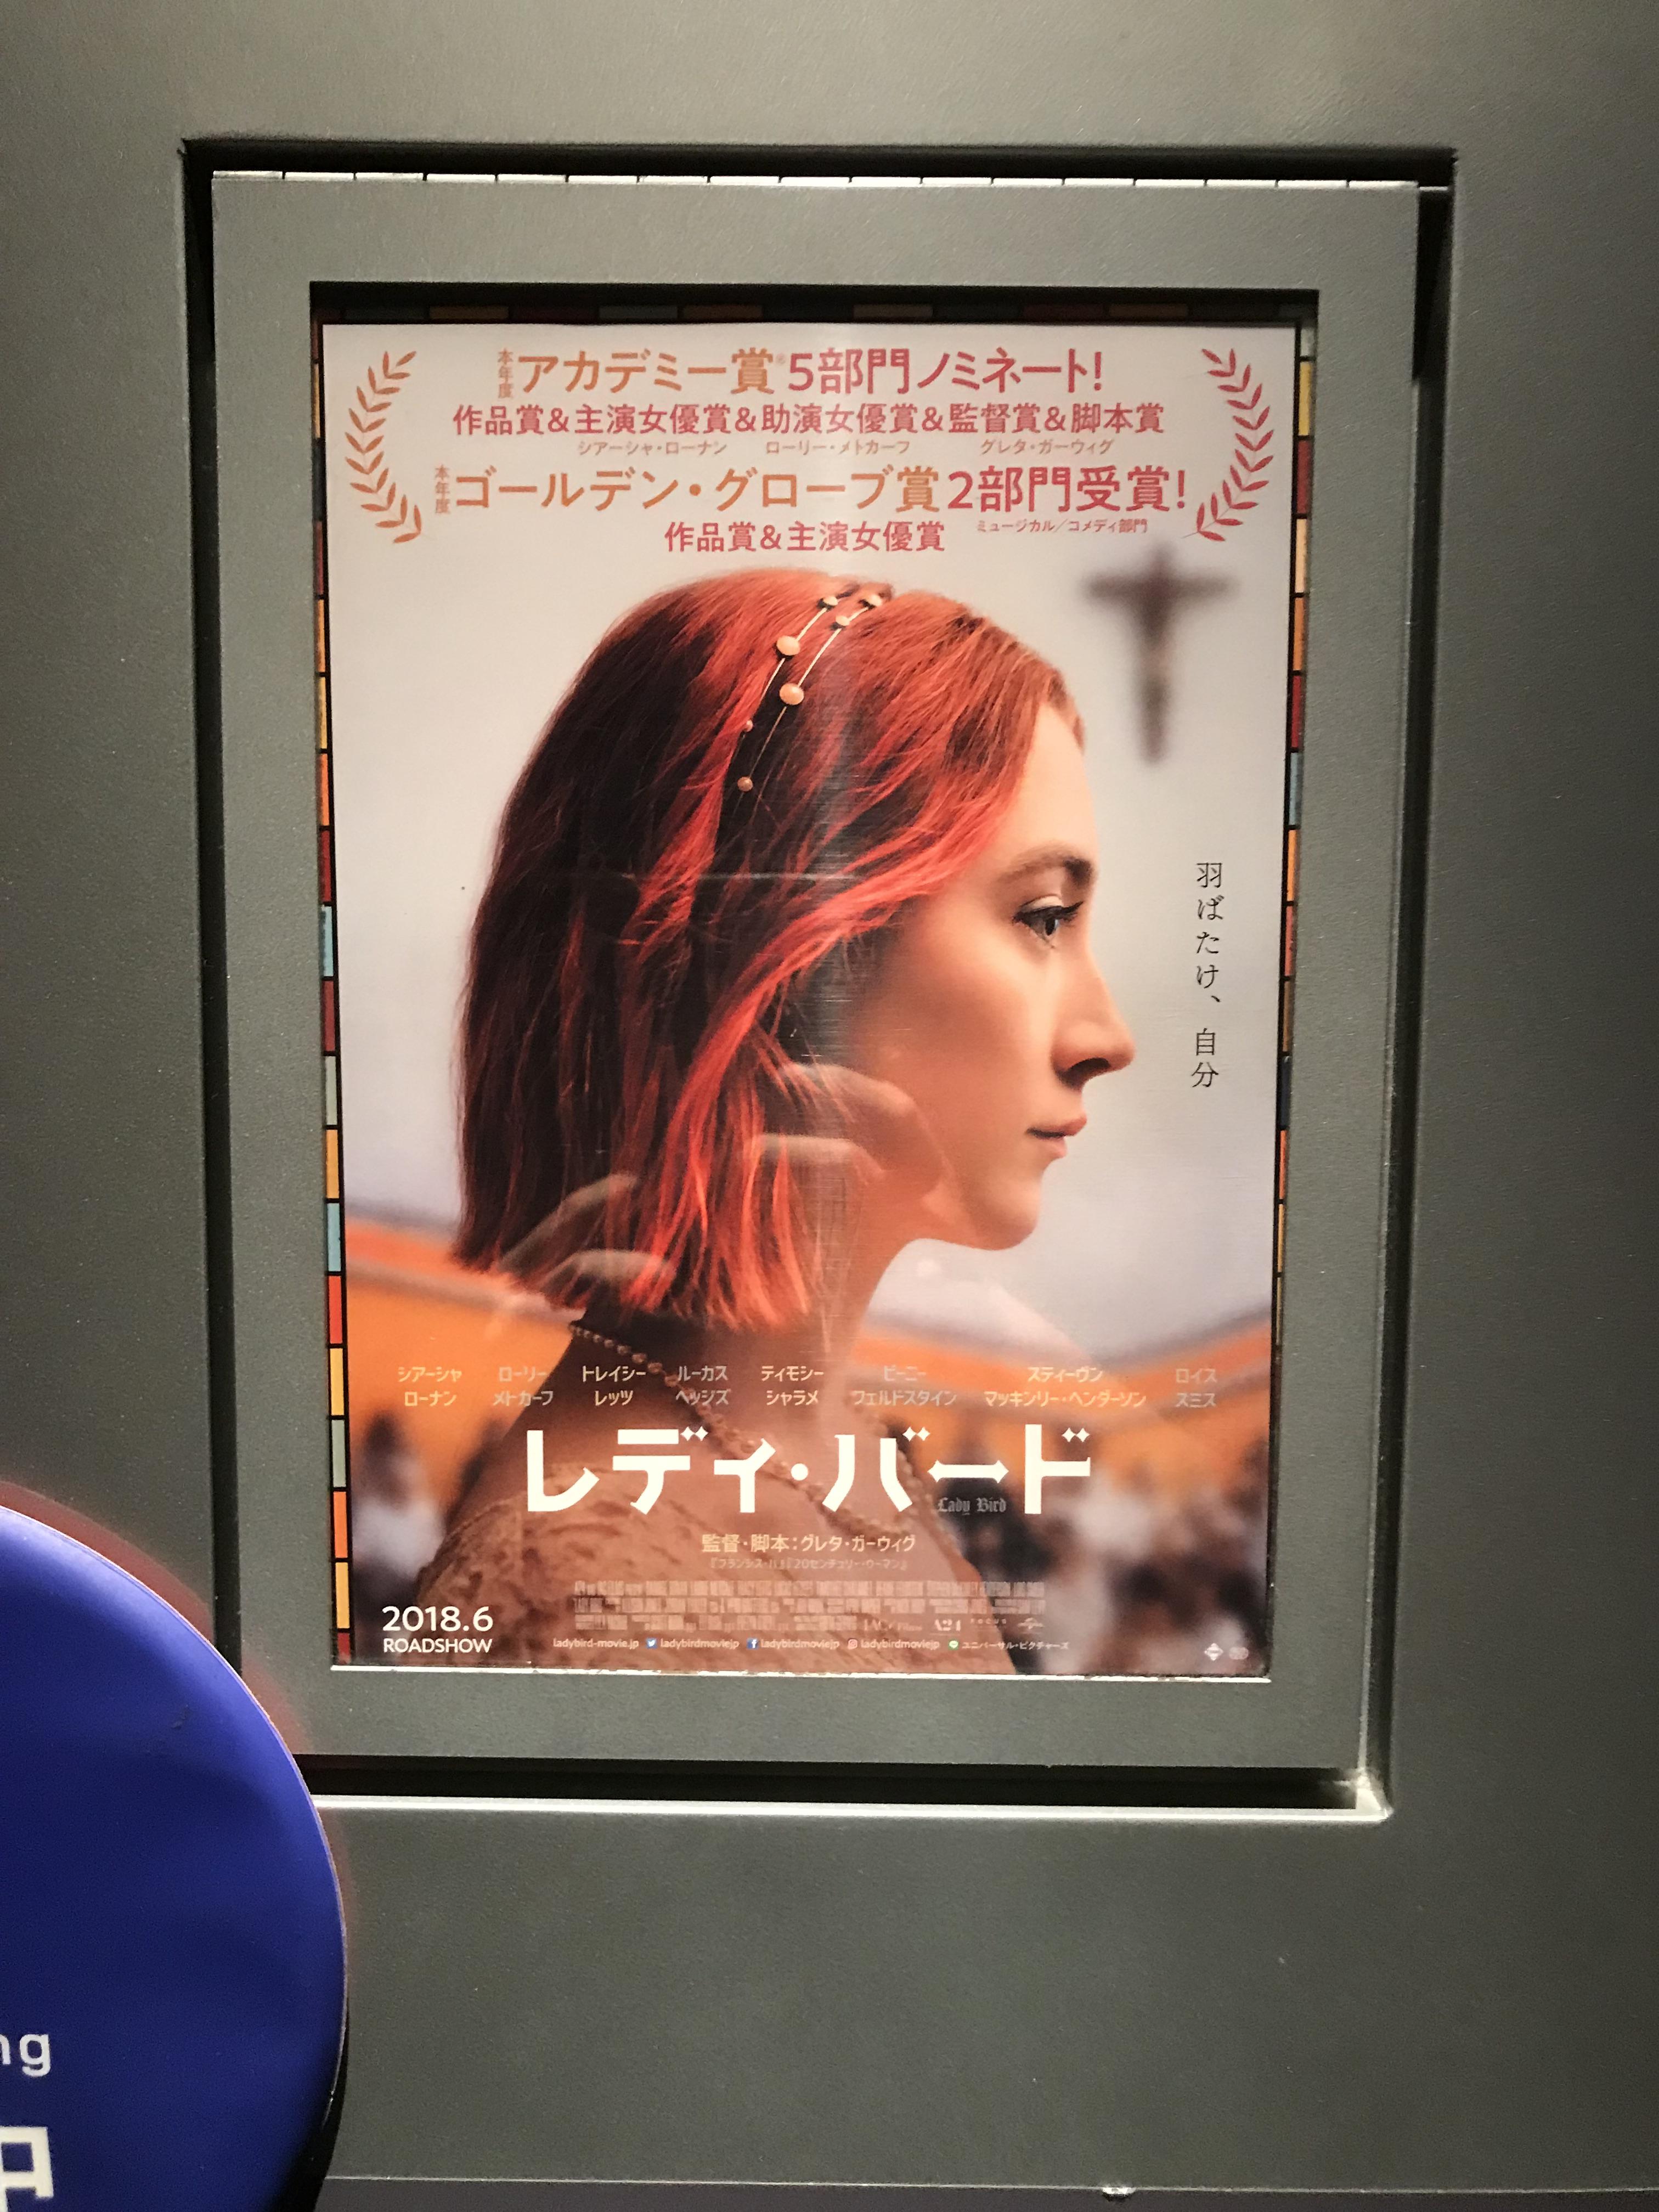 映画『レディ・バード』鑑賞。シアーシャ・ローナン主演の女性が共感できる青春映画。